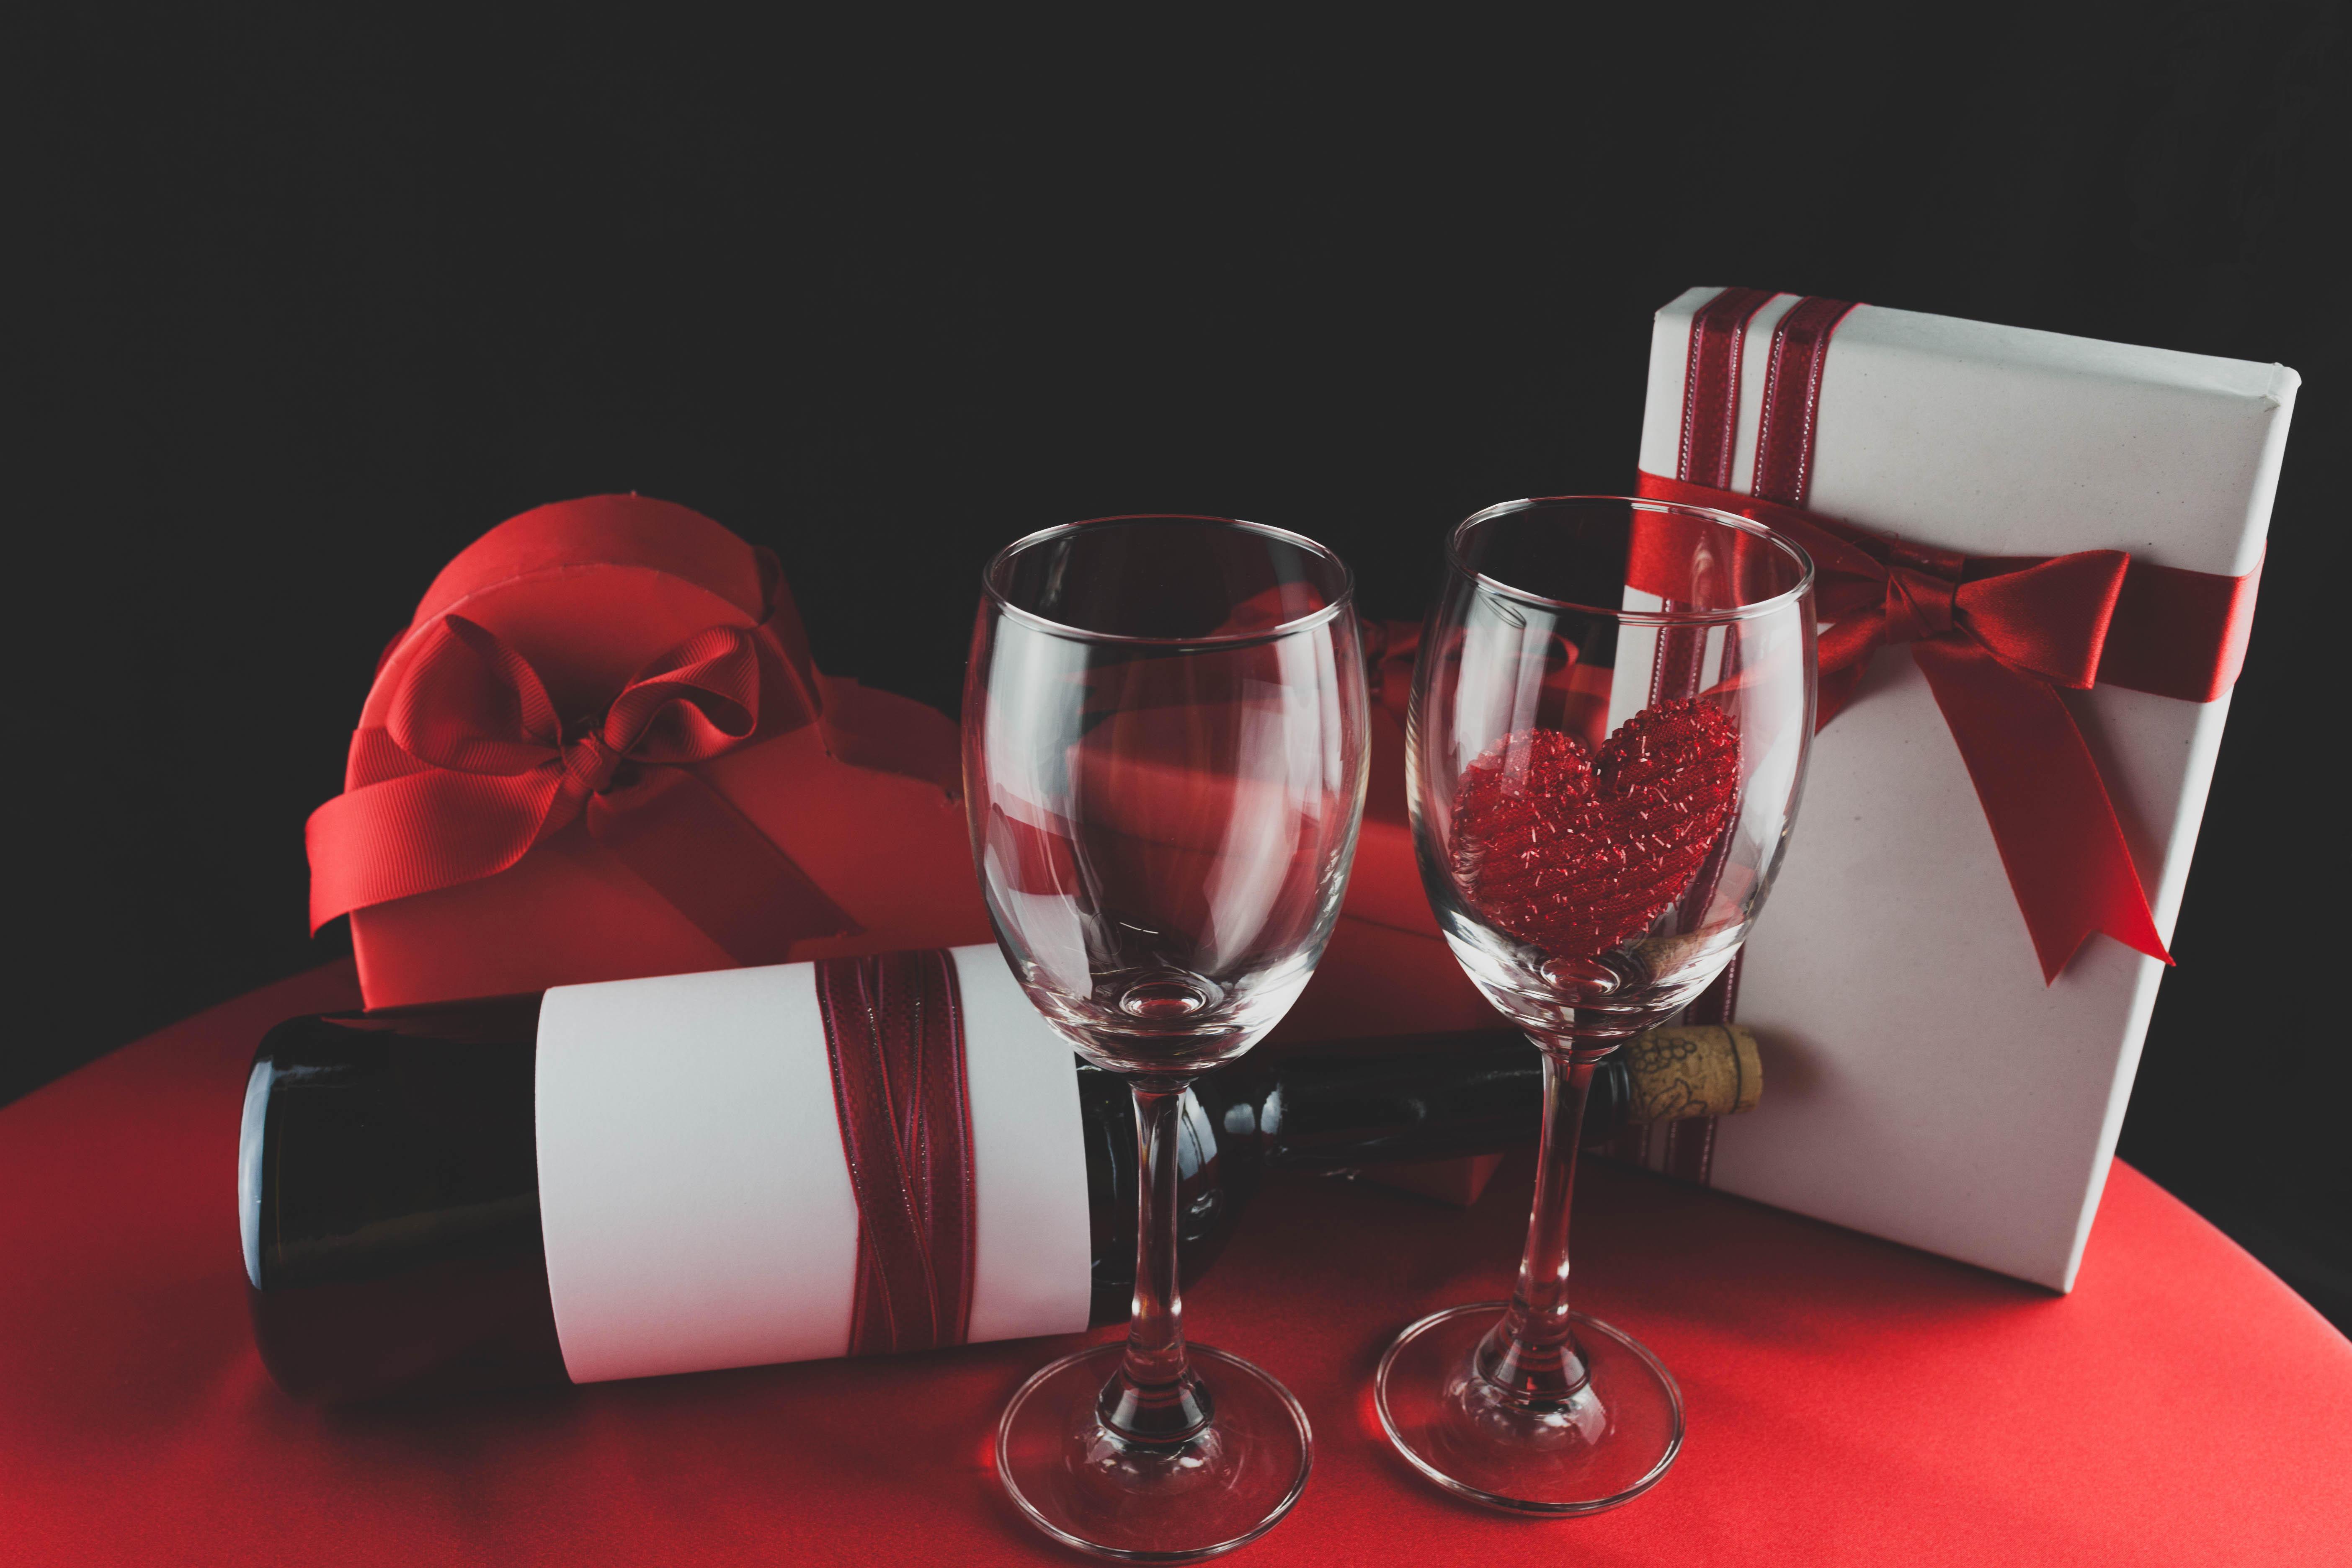 Обои день святого валентина, день влюбленных, с днём святого валентина, с днём всех влюблённых